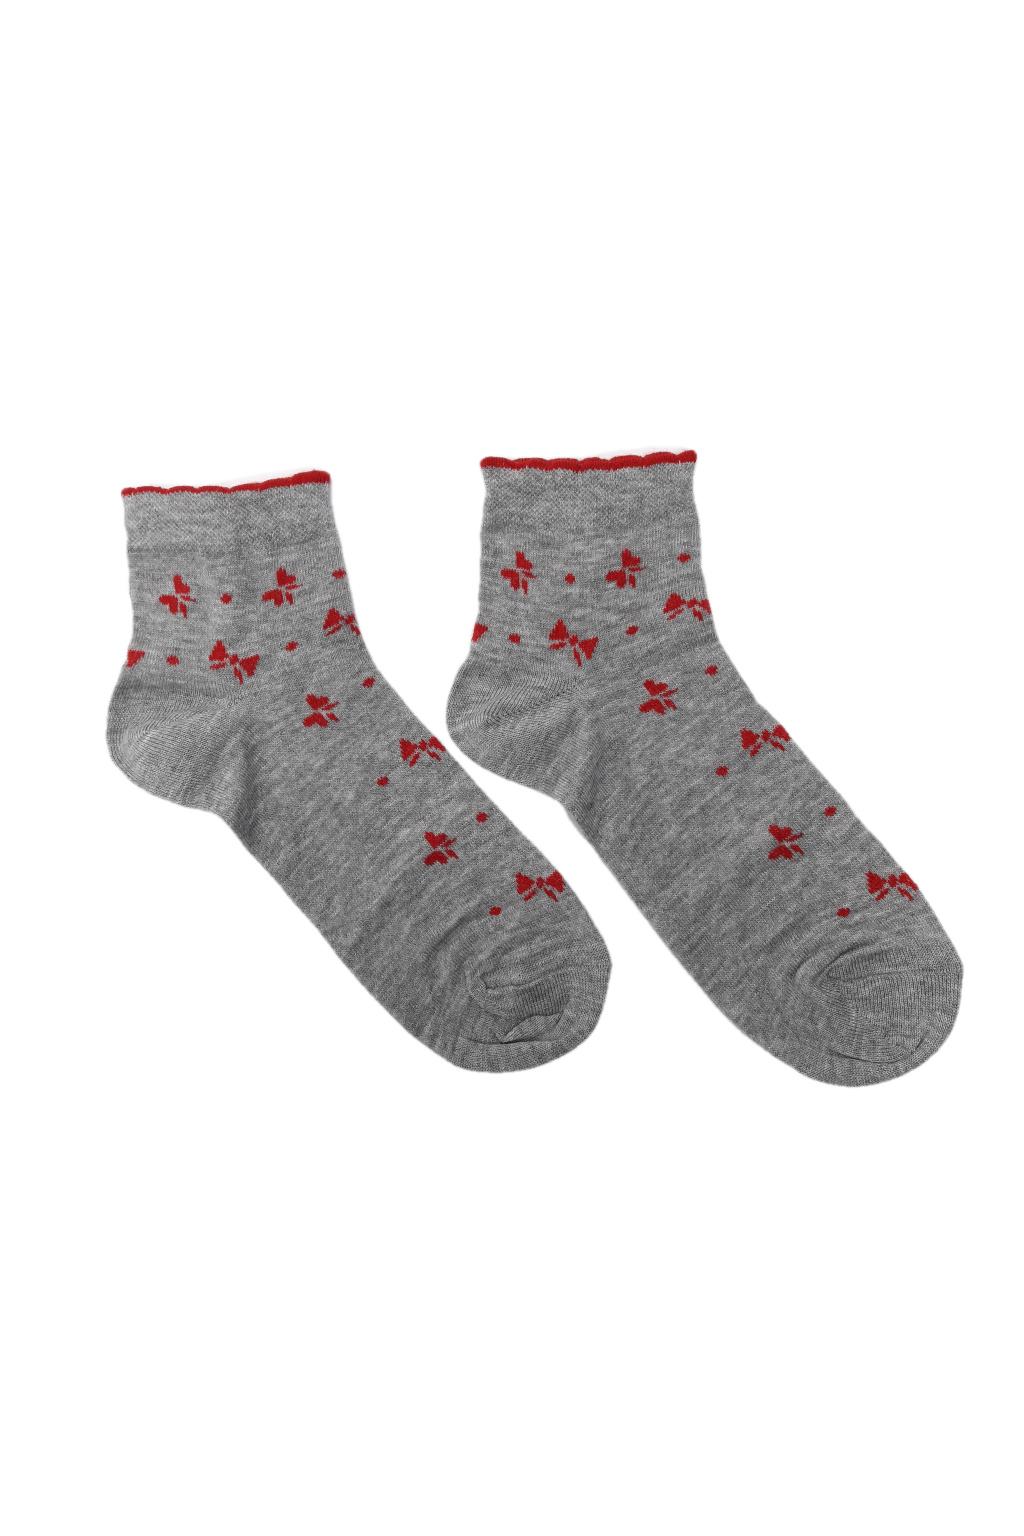 damske ponozky gray